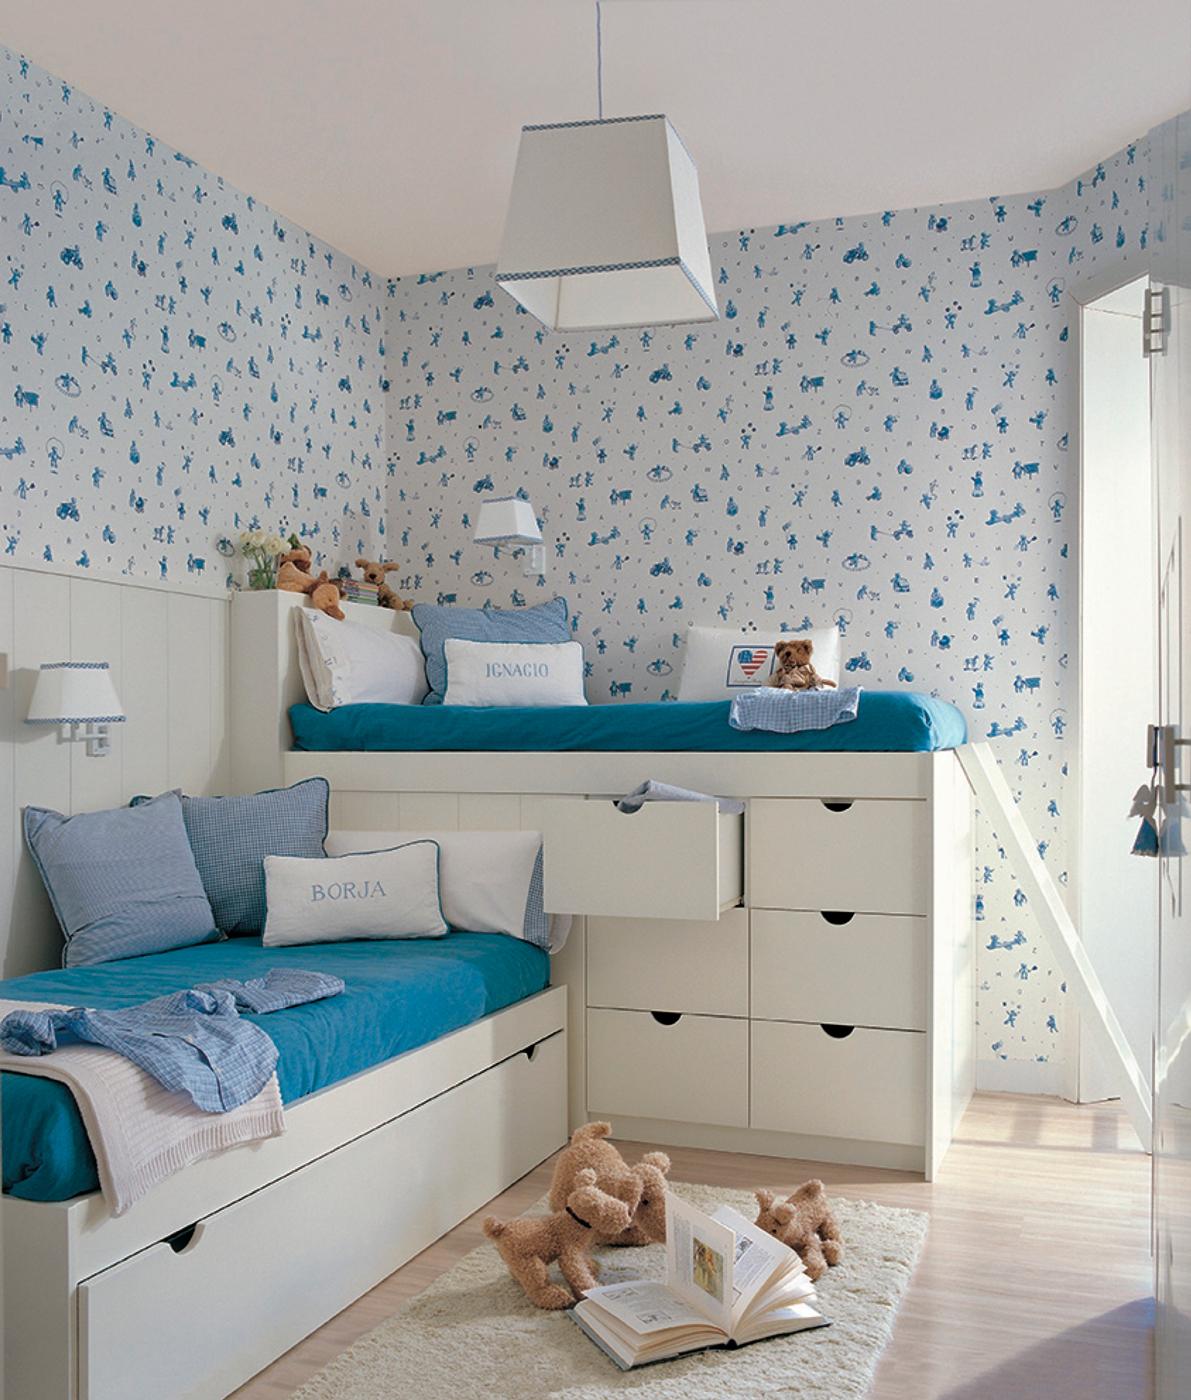 Papel pintado en dormitorios excellent ideas para decorar for Dormitorios empapelados y pintados